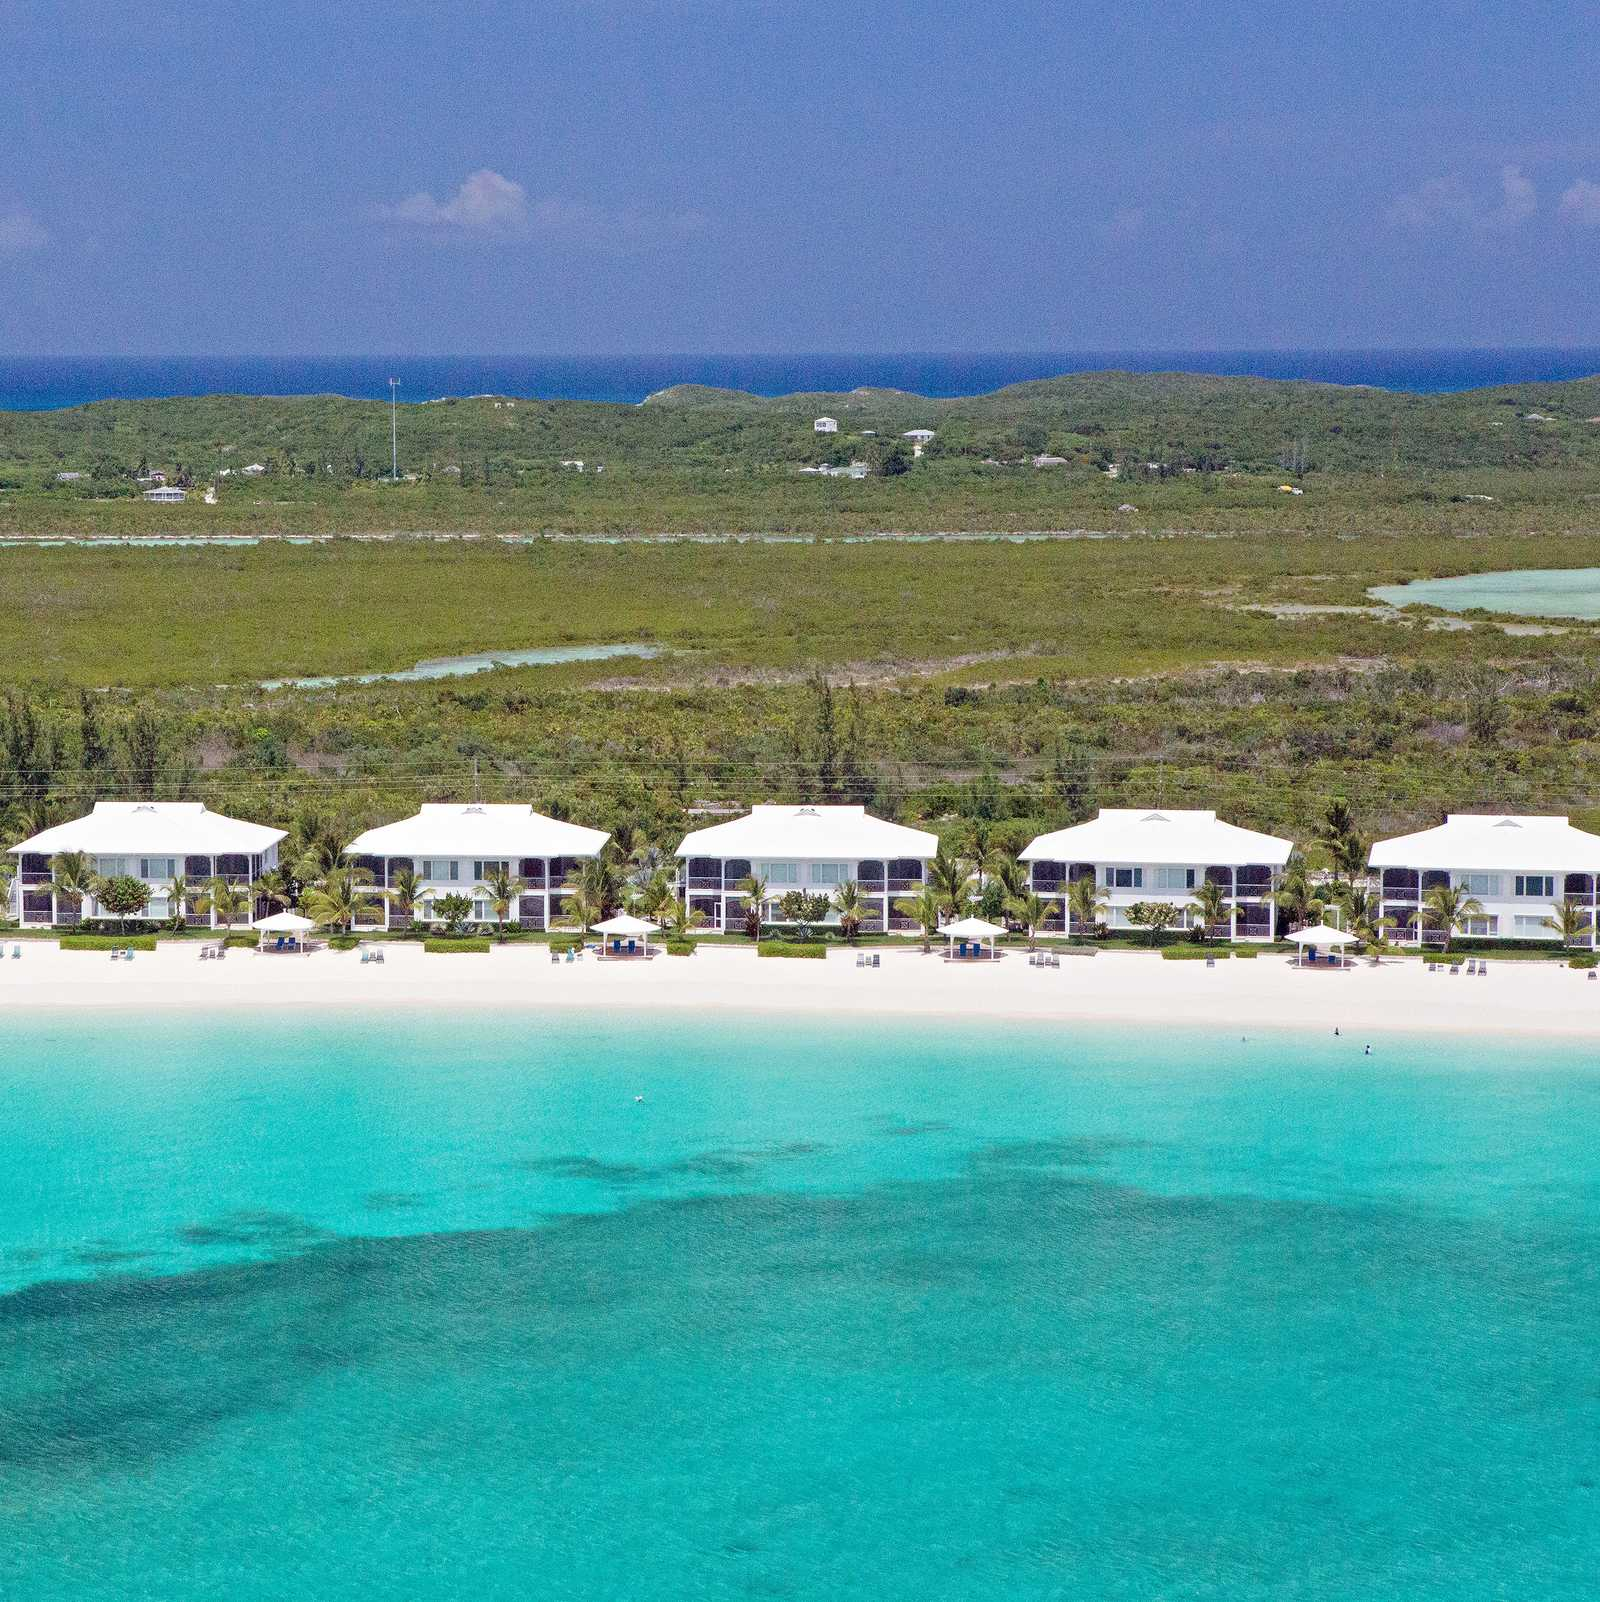 Cape Santa Maria Resort